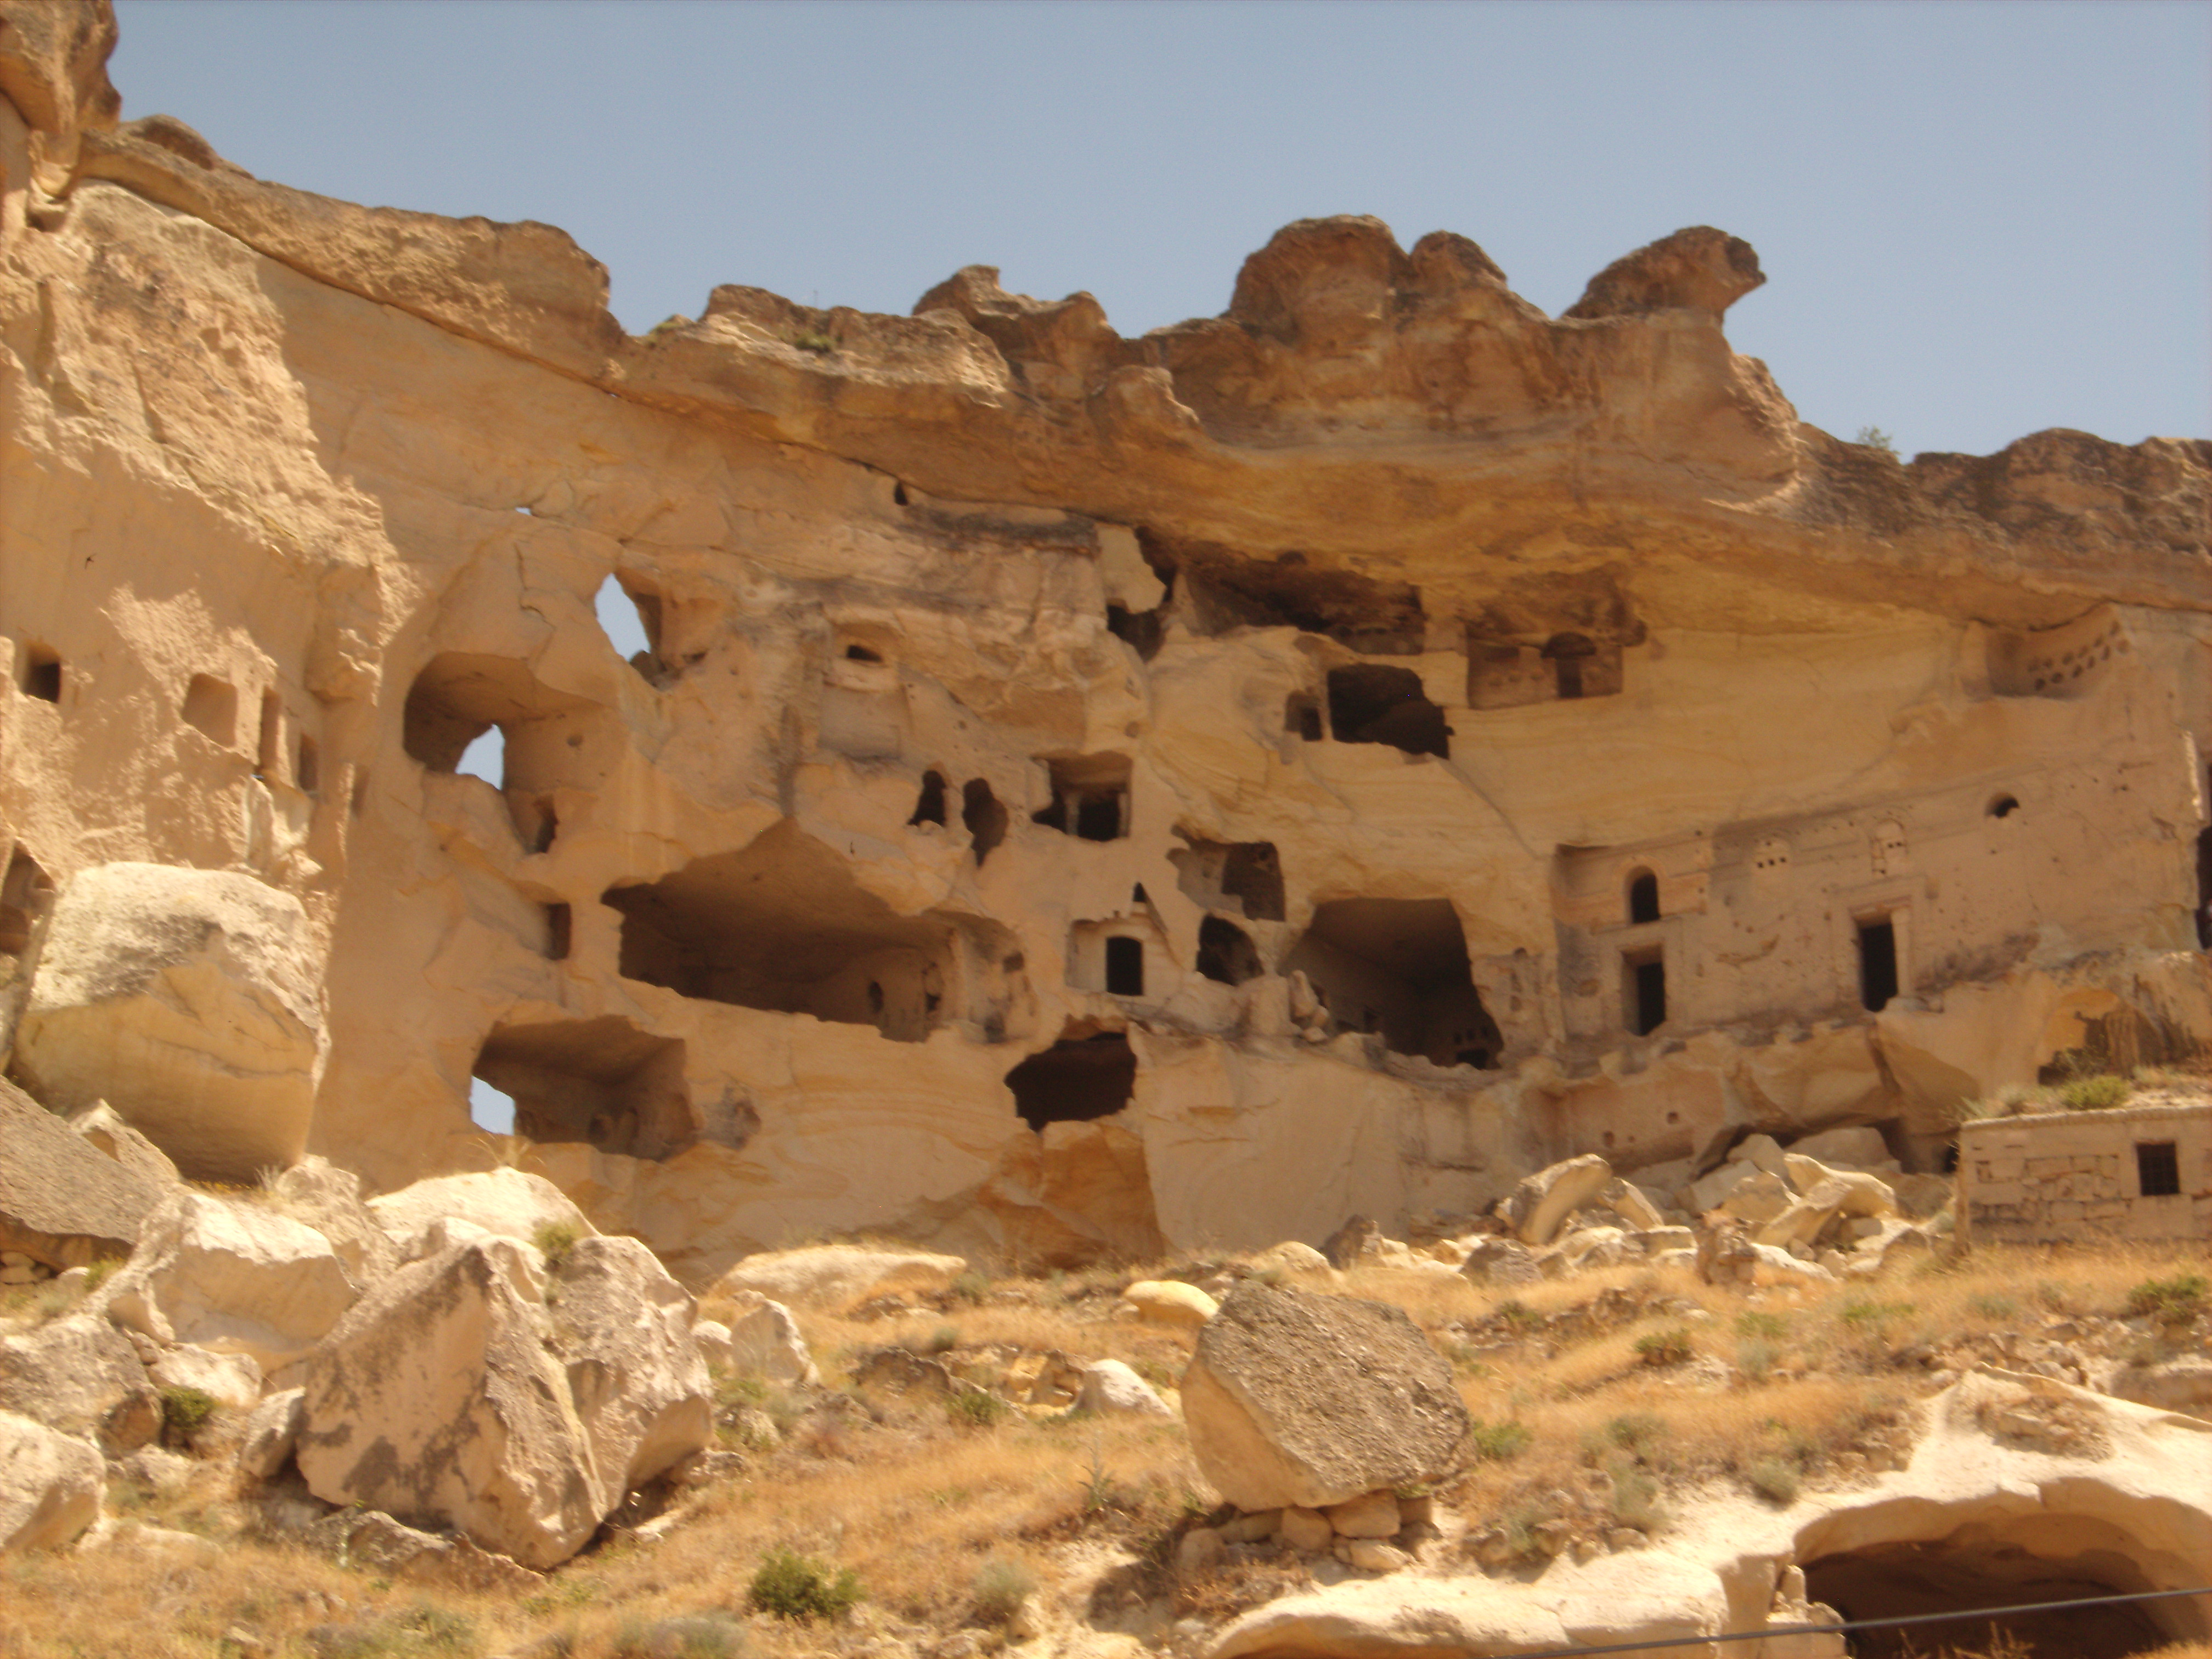 Rock dwellings